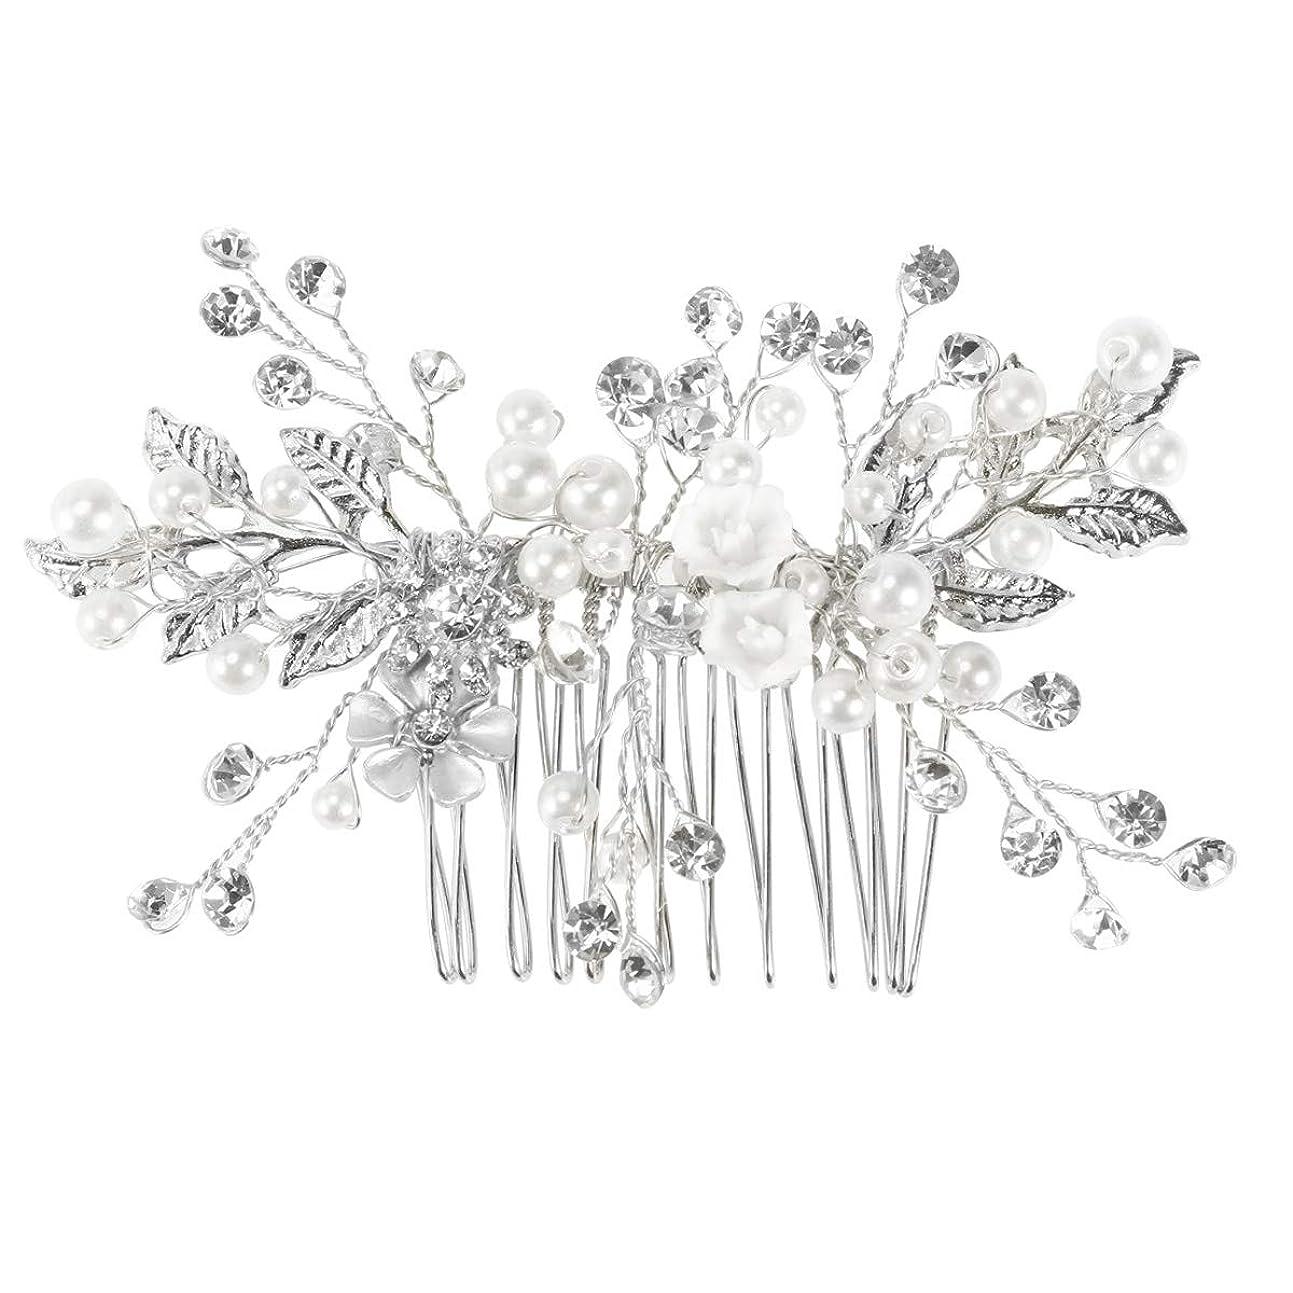 異常な繕う起訴するLURROSE 結婚式の髪の櫛真珠の結晶頭飾りの合金女性のための女性の花嫁介添人の髪飾り(シルバー)